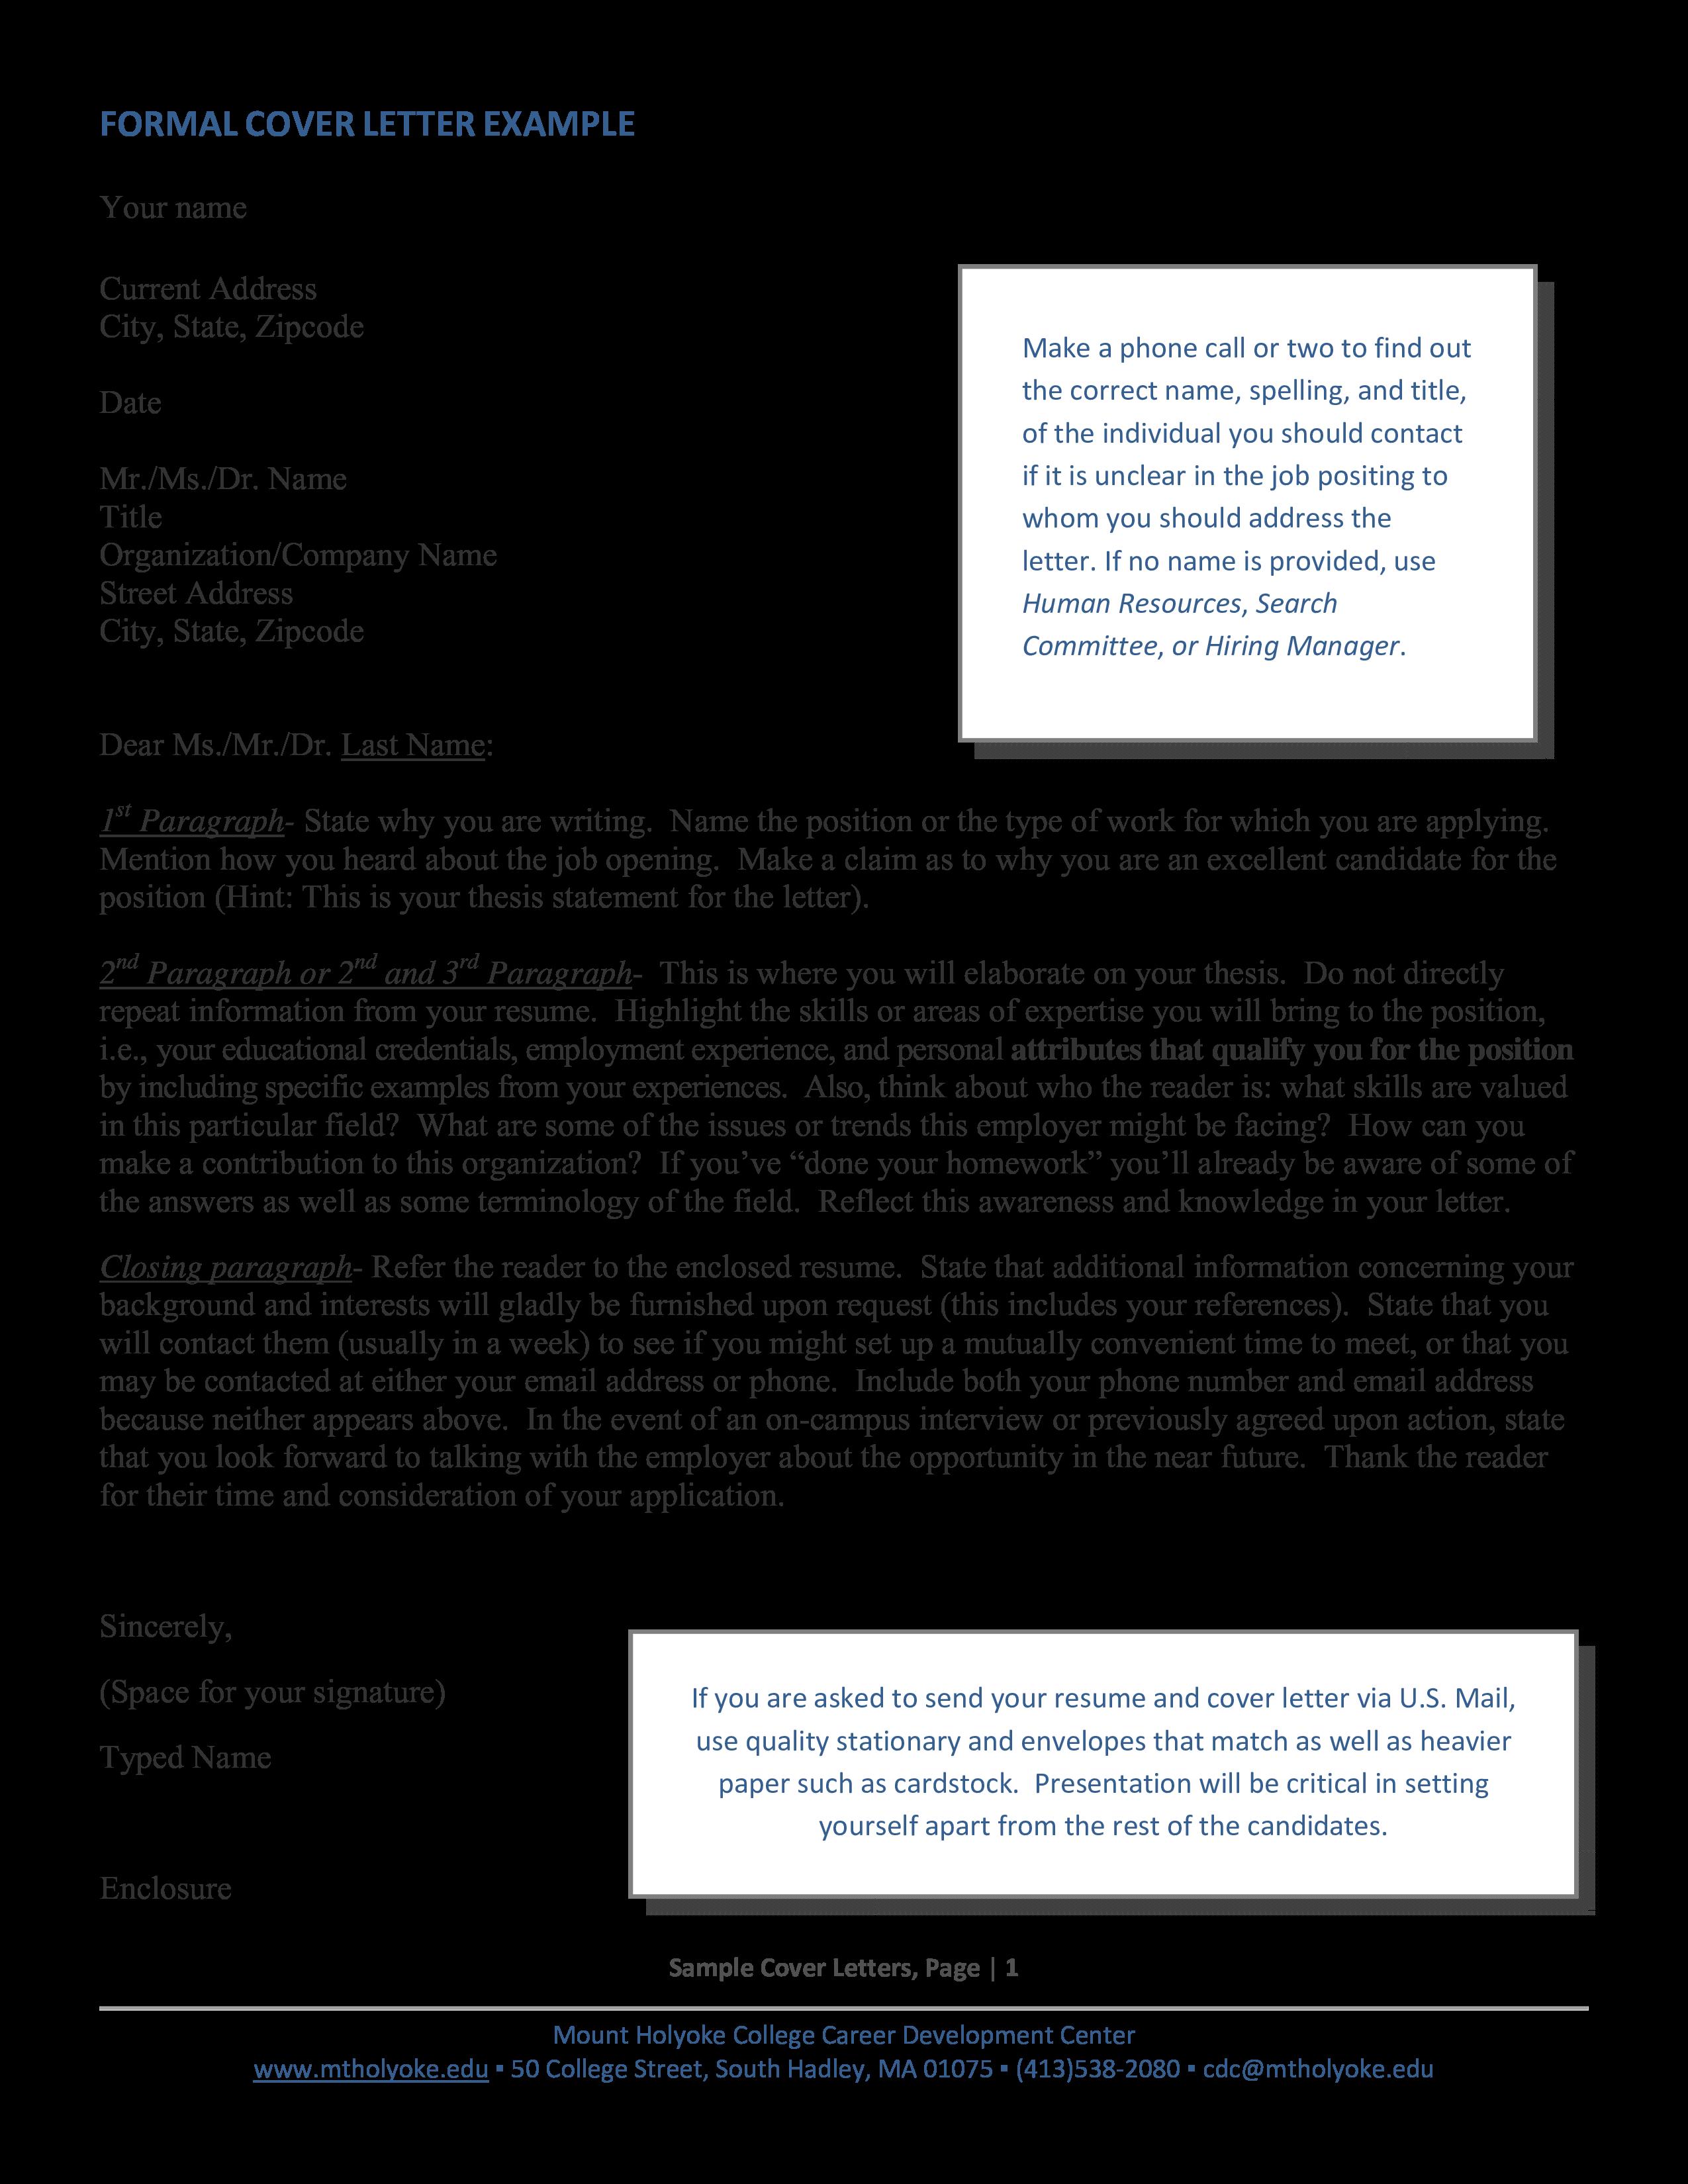 Sample Formal Cover Letter